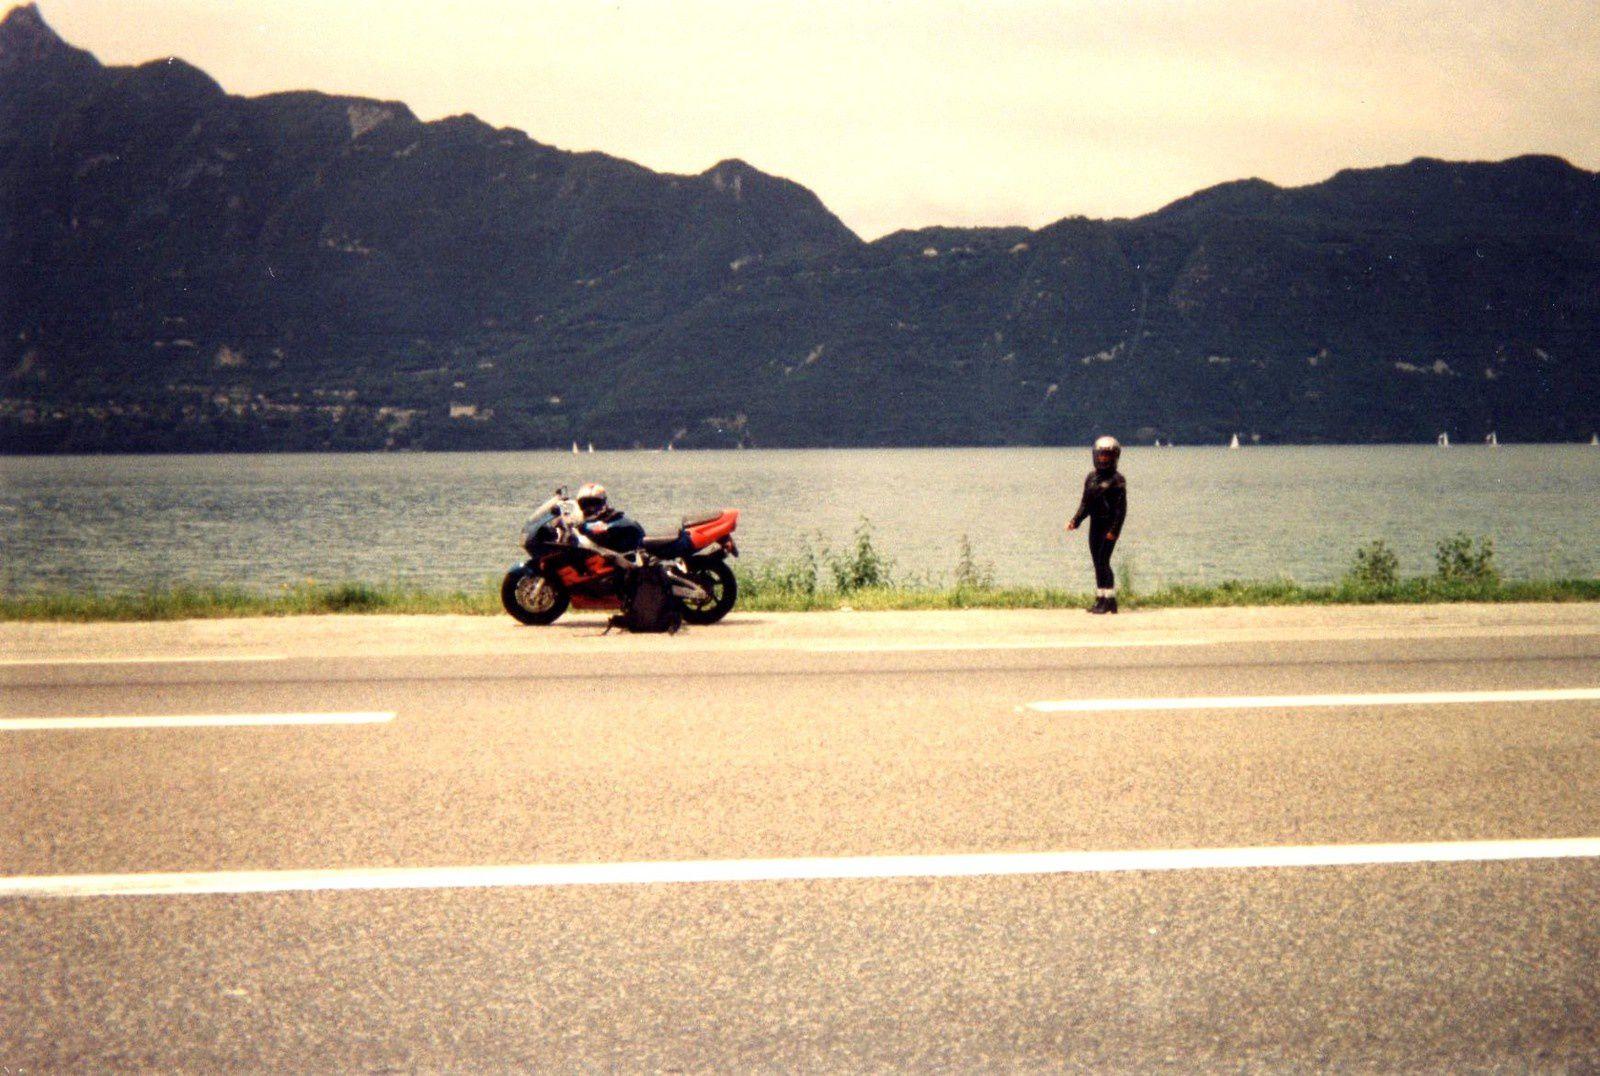 Choix de l'itinéraire et repos imposé ... Les fondamentaux du motard